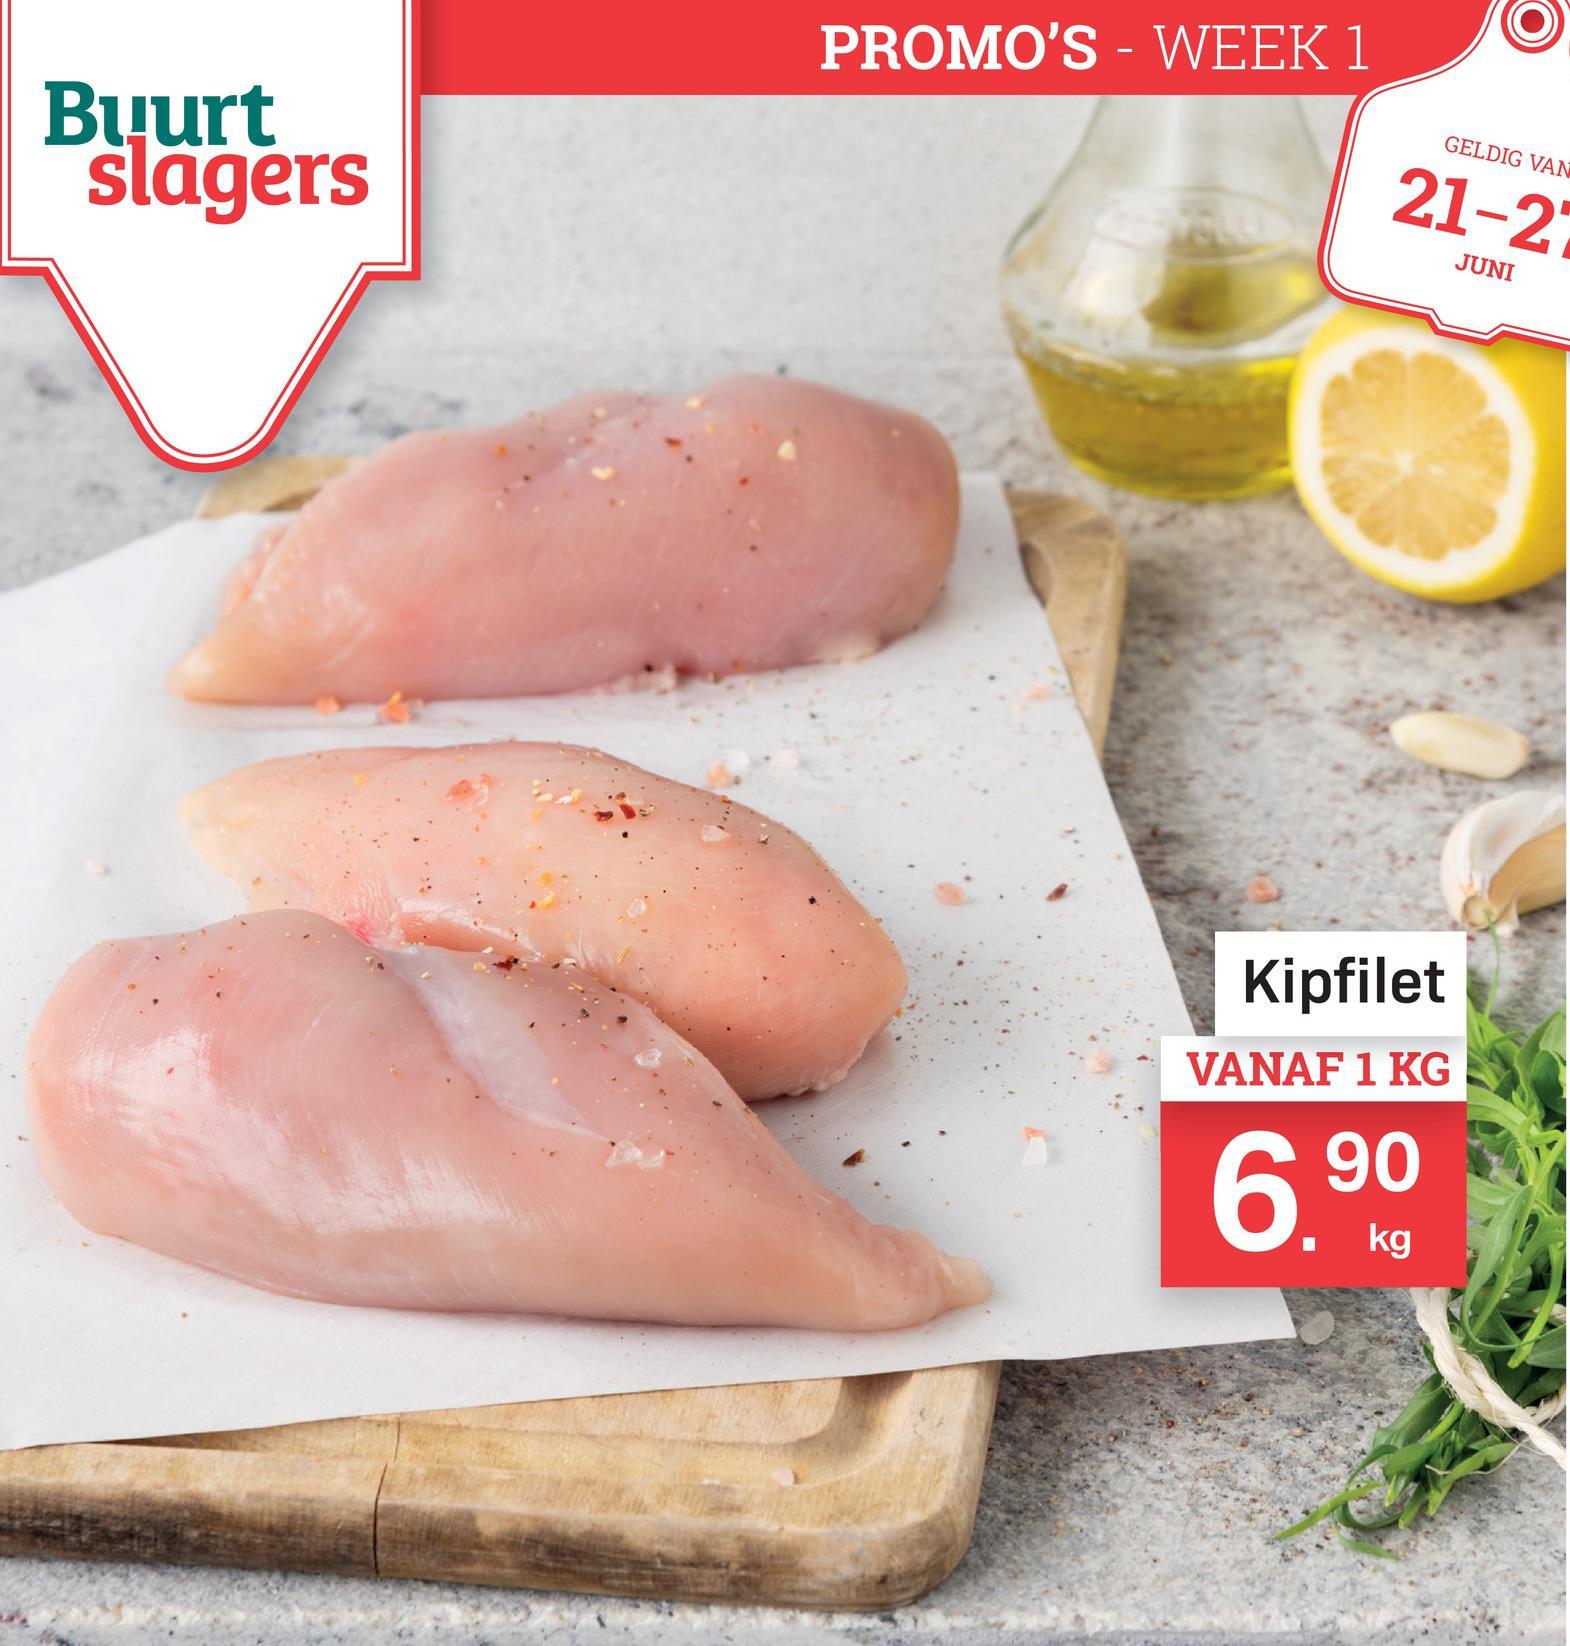 PROMO'S - WEEK 1 Buurt slagers GELDIG VAN 21-21 JUNI Kipfilet VANAF 1 KG 690 v kg